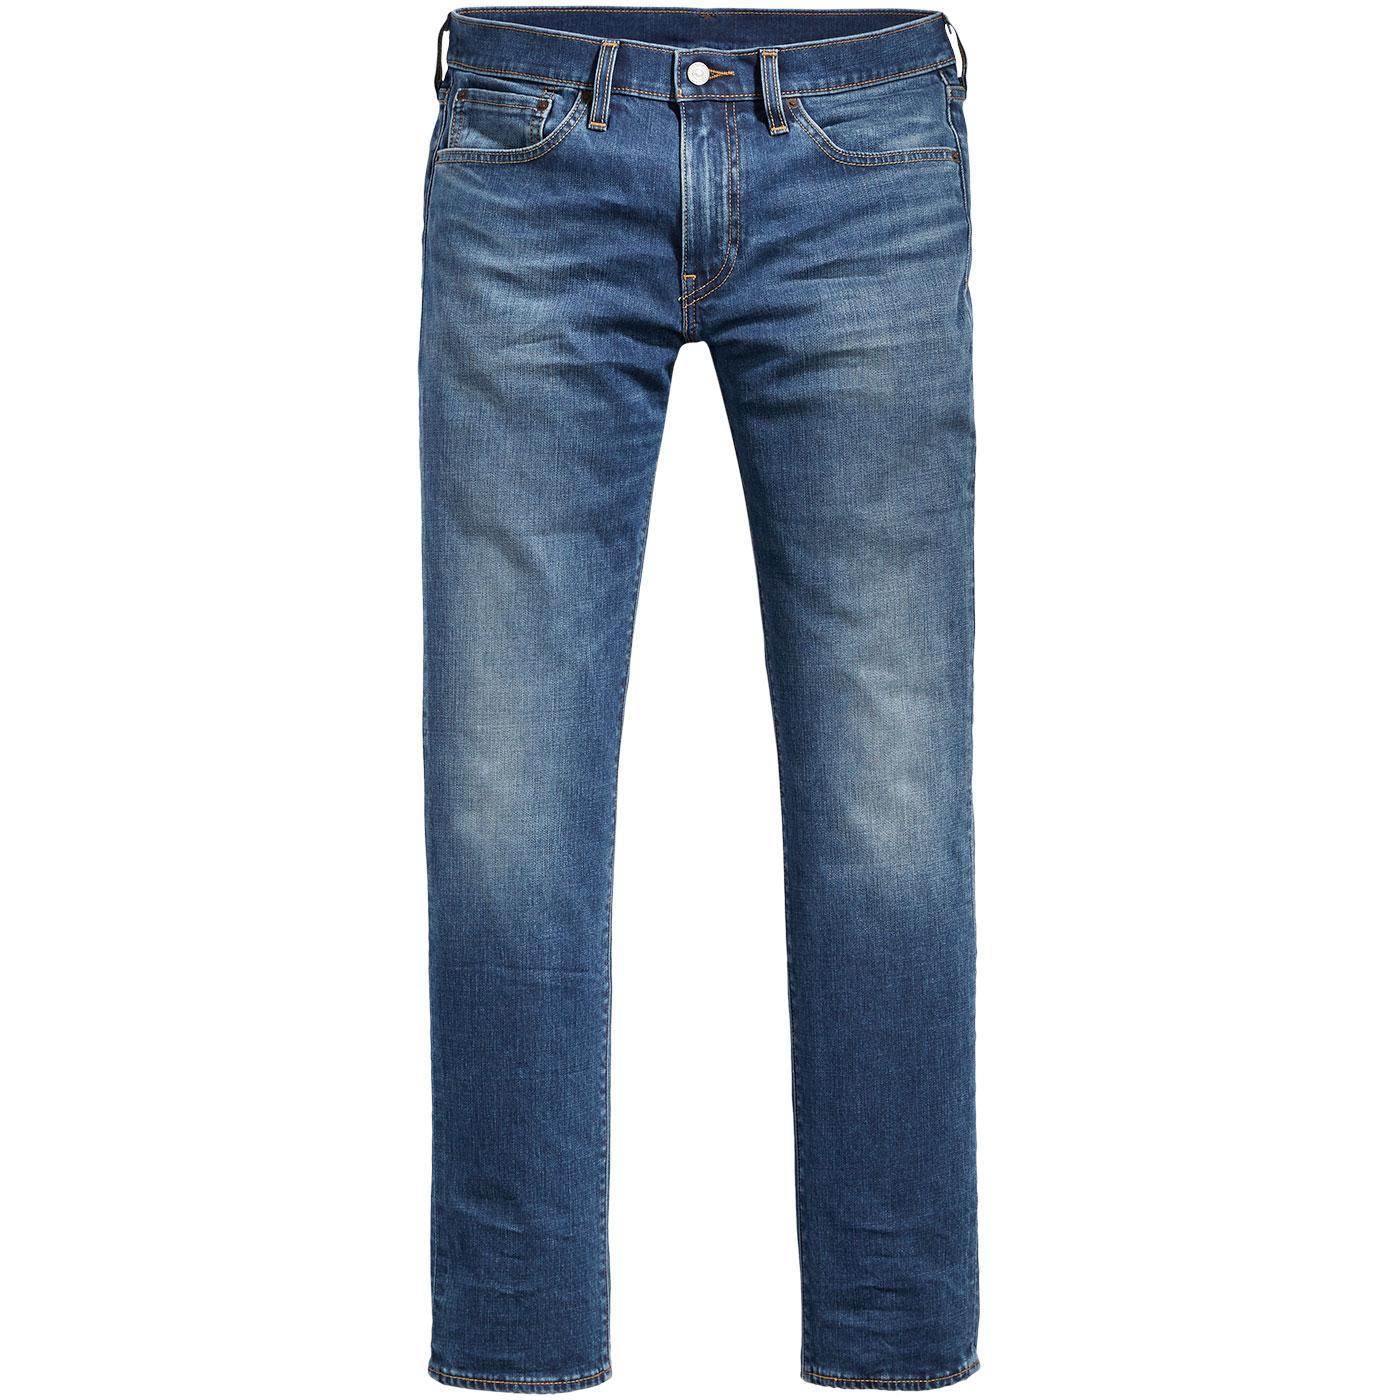 LEVI'S 511 Retro Slim Denim Jeans (Caspian Adapt)